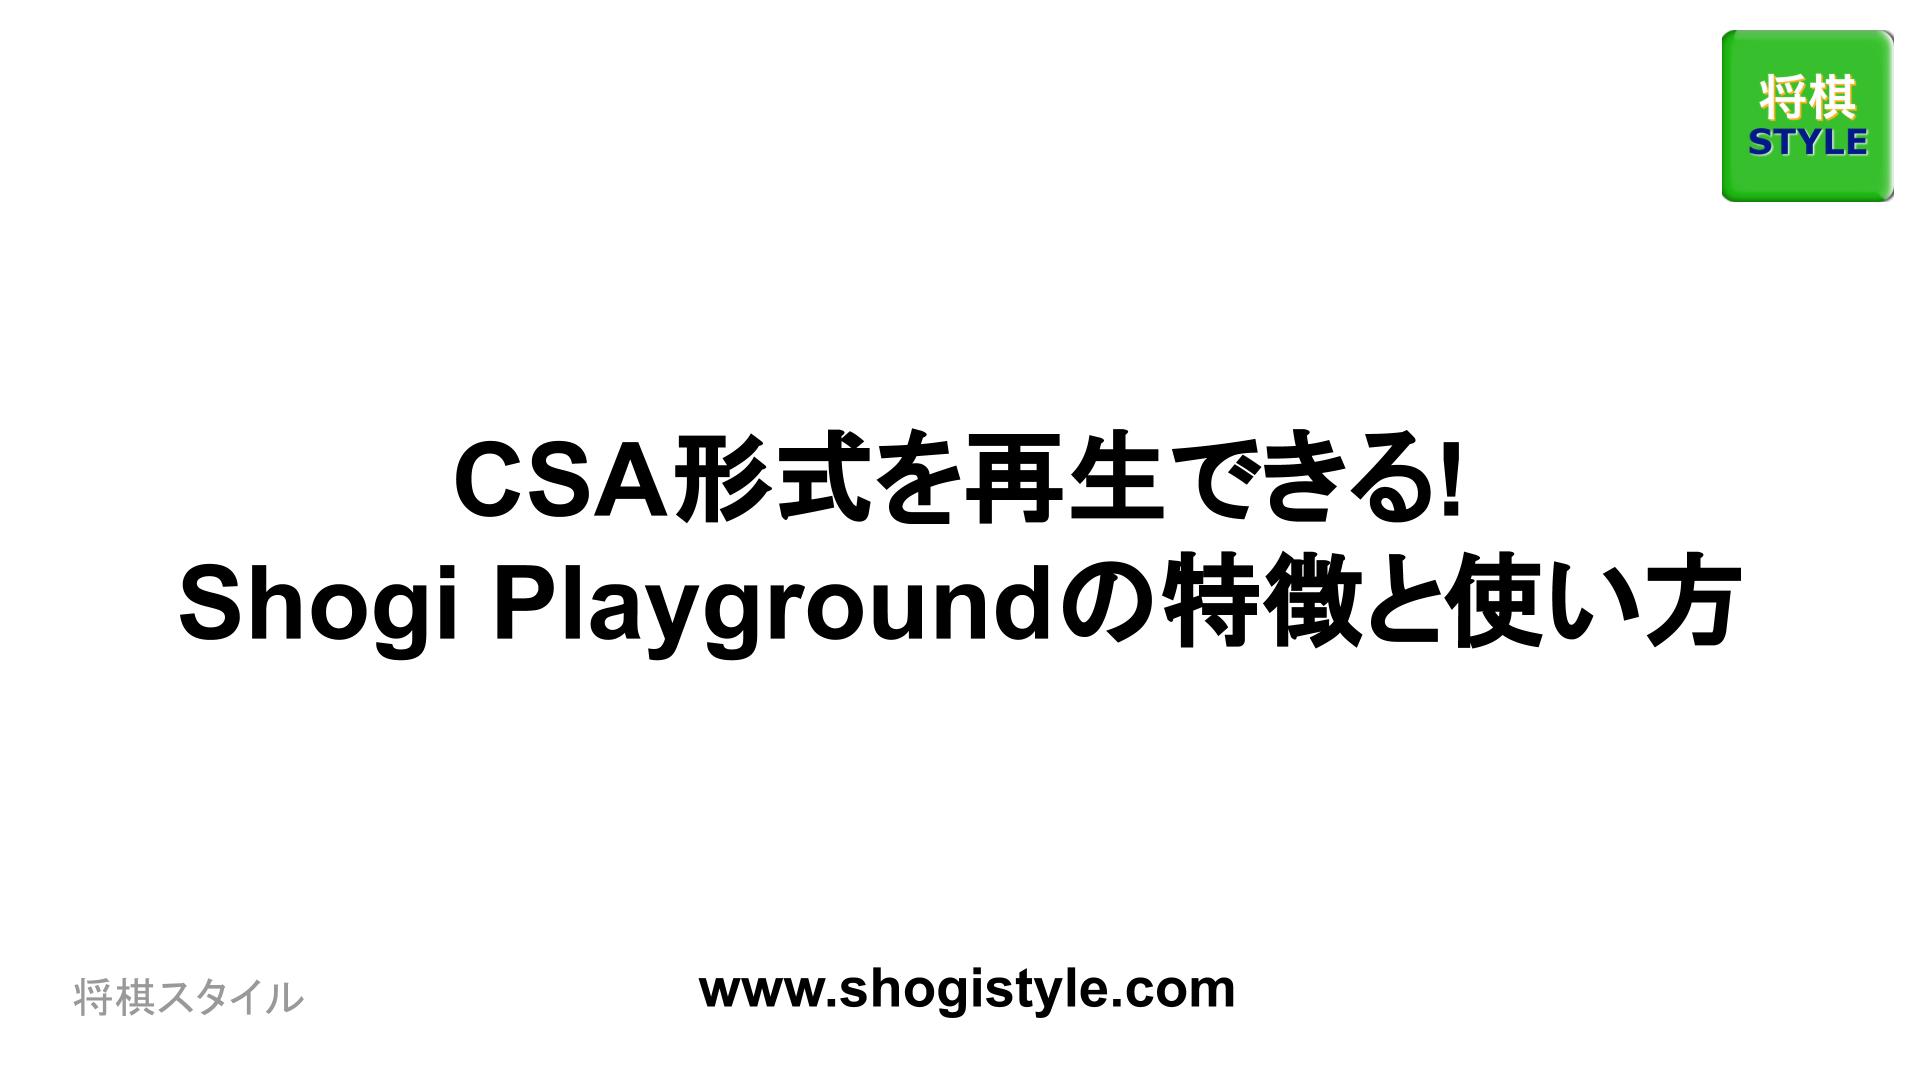 CSA形式の棋譜ファイルを再生できるShogi Playgroundの特徴と使い方